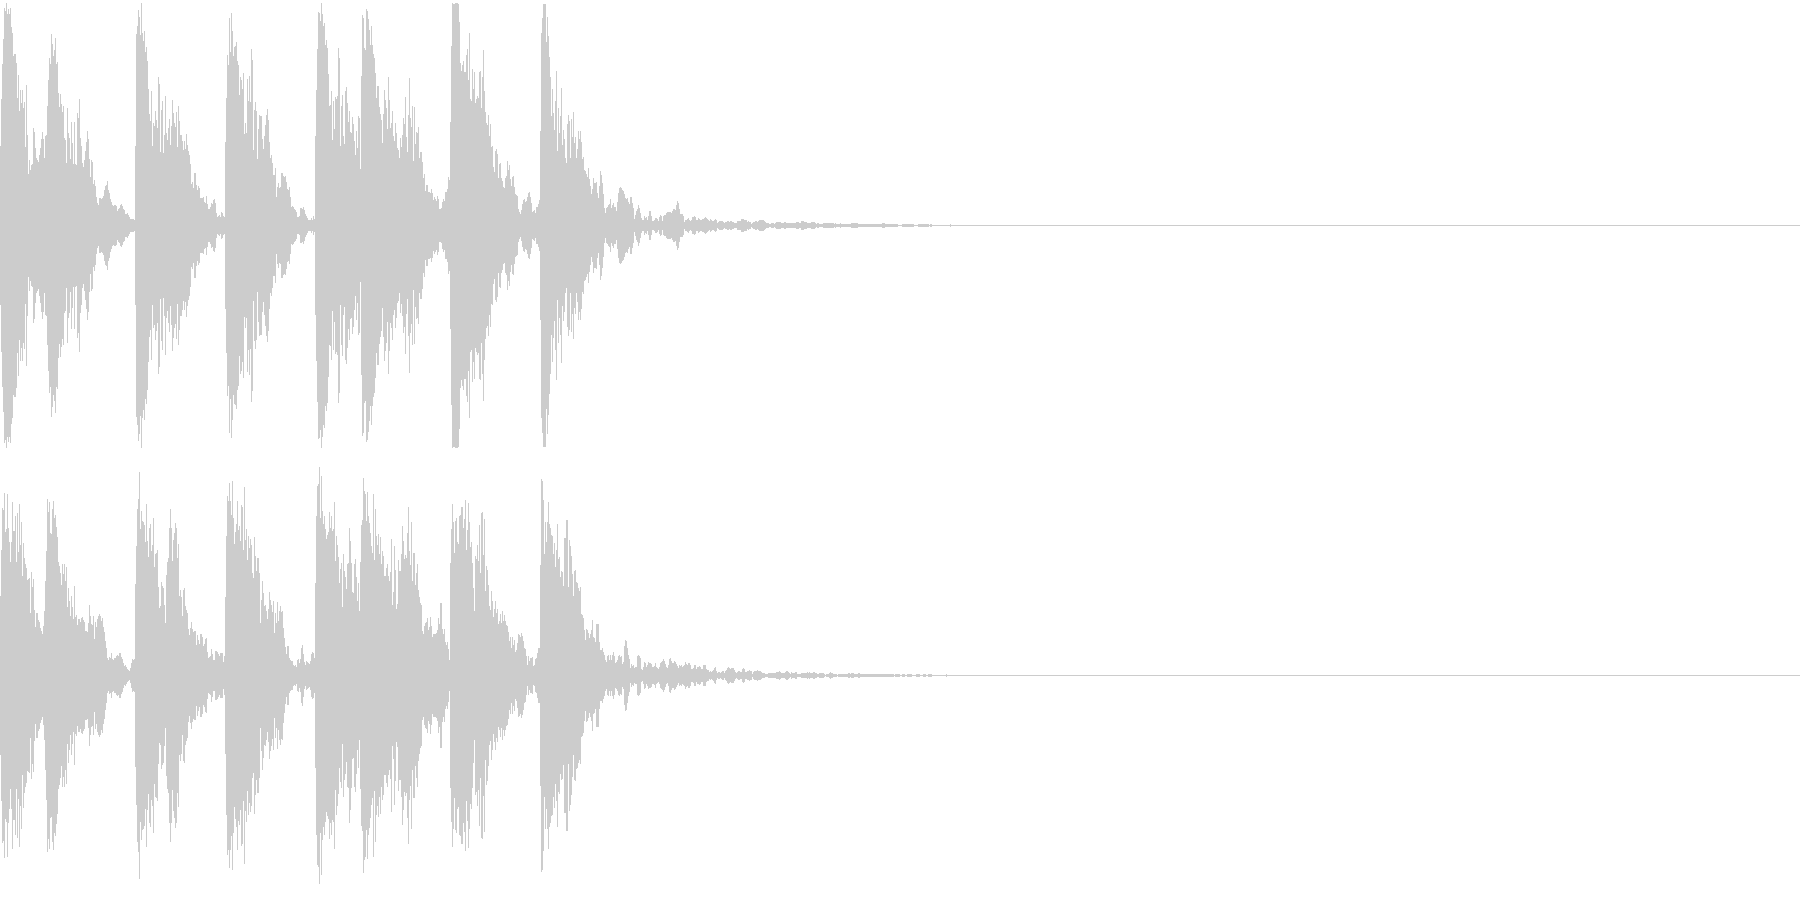 レベルアップ アイテム ゲット 発見 2の未再生の波形